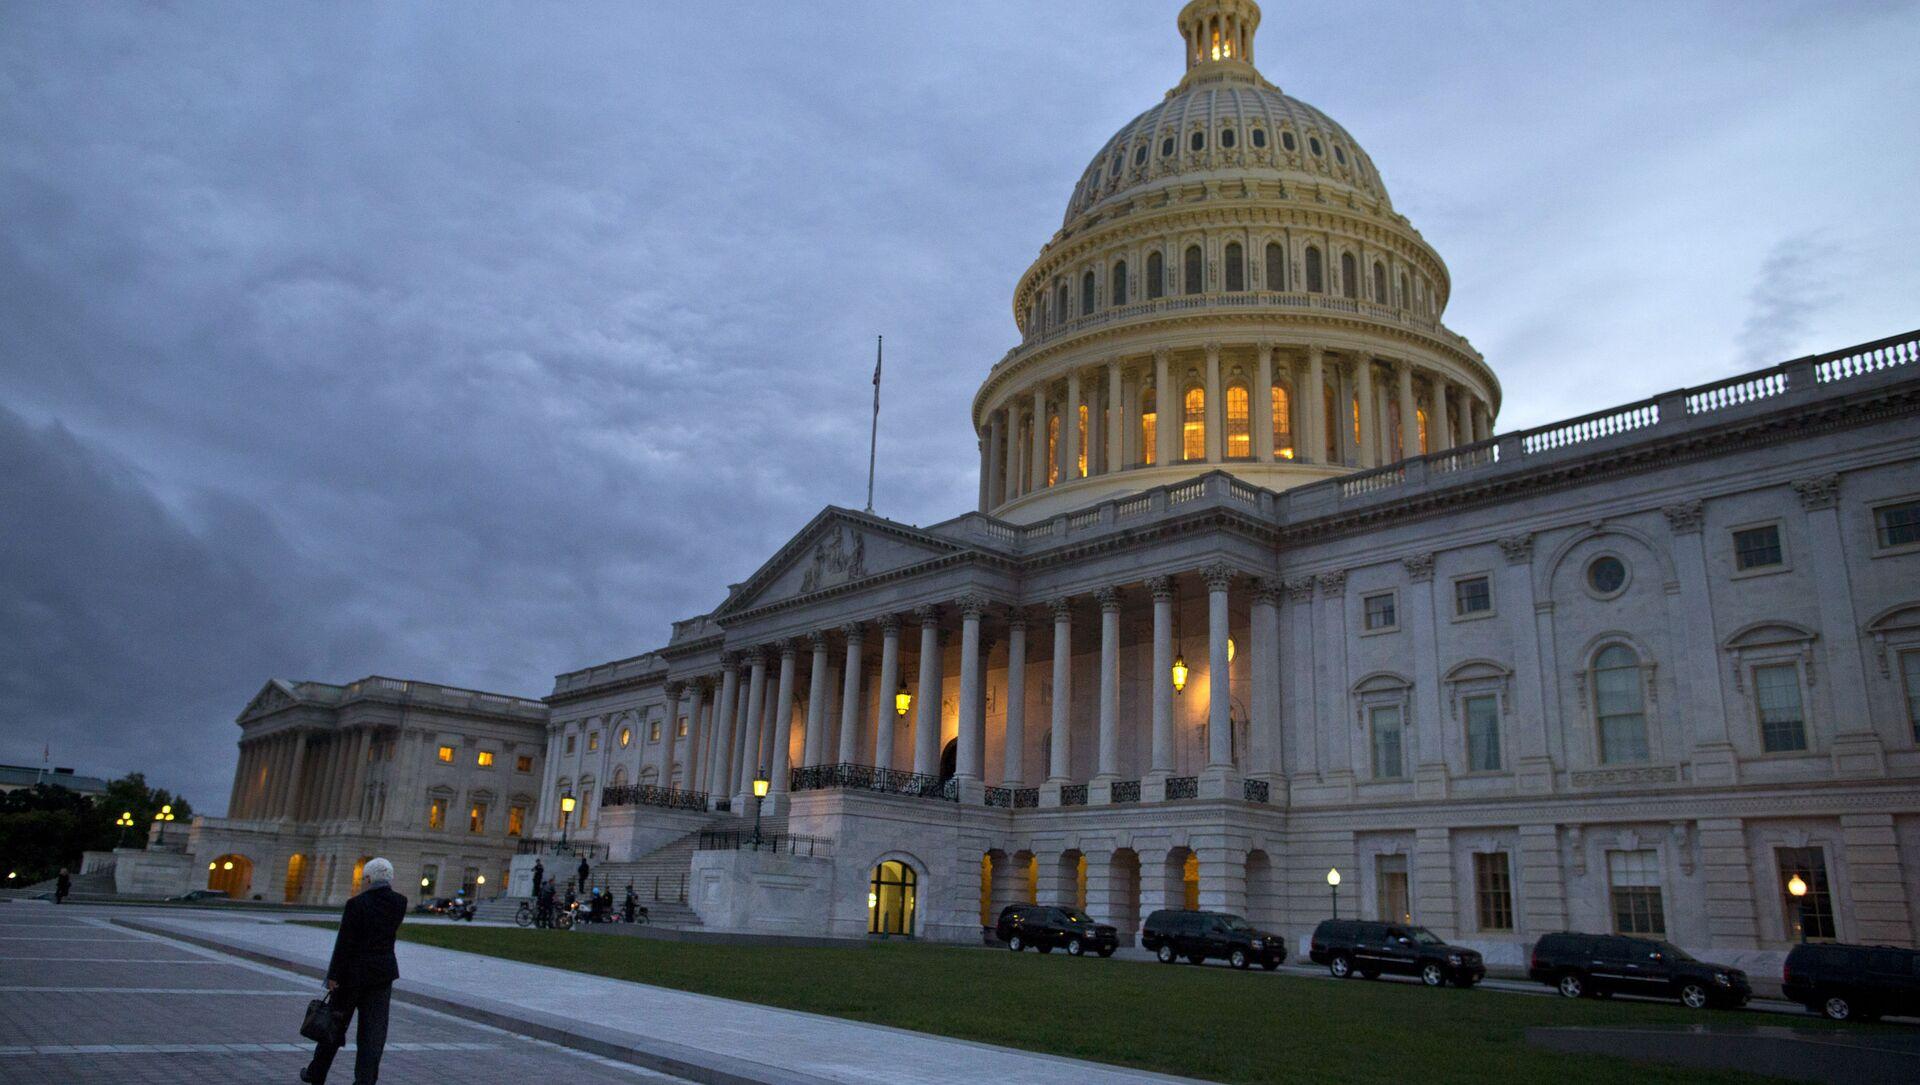 На этой фотографии от 15 октября 2013 года показан вид на здание Капитолия США в сумерках в Вашингтоне. Даже если Конгресс достигнет в последнюю минуту или нарушит крайний срок сделку, чтобы предотвратить федеральный дефолт и полностью открыть правительство, выборные должностные лица, вероятно, вернутся к своей жесткой марке балансирования на грани войны, возможно, неоднократно. Переговоры между Палатой представителей и Сенатом почти не затрагивают глубинные причины тупика с долгами и расходами, который подтолкнул страну к экономическому кризису в 2011 году, в декабре прошлого года и снова в этом месяце. - Sputnik Абхазия, 1920, 28.09.2021